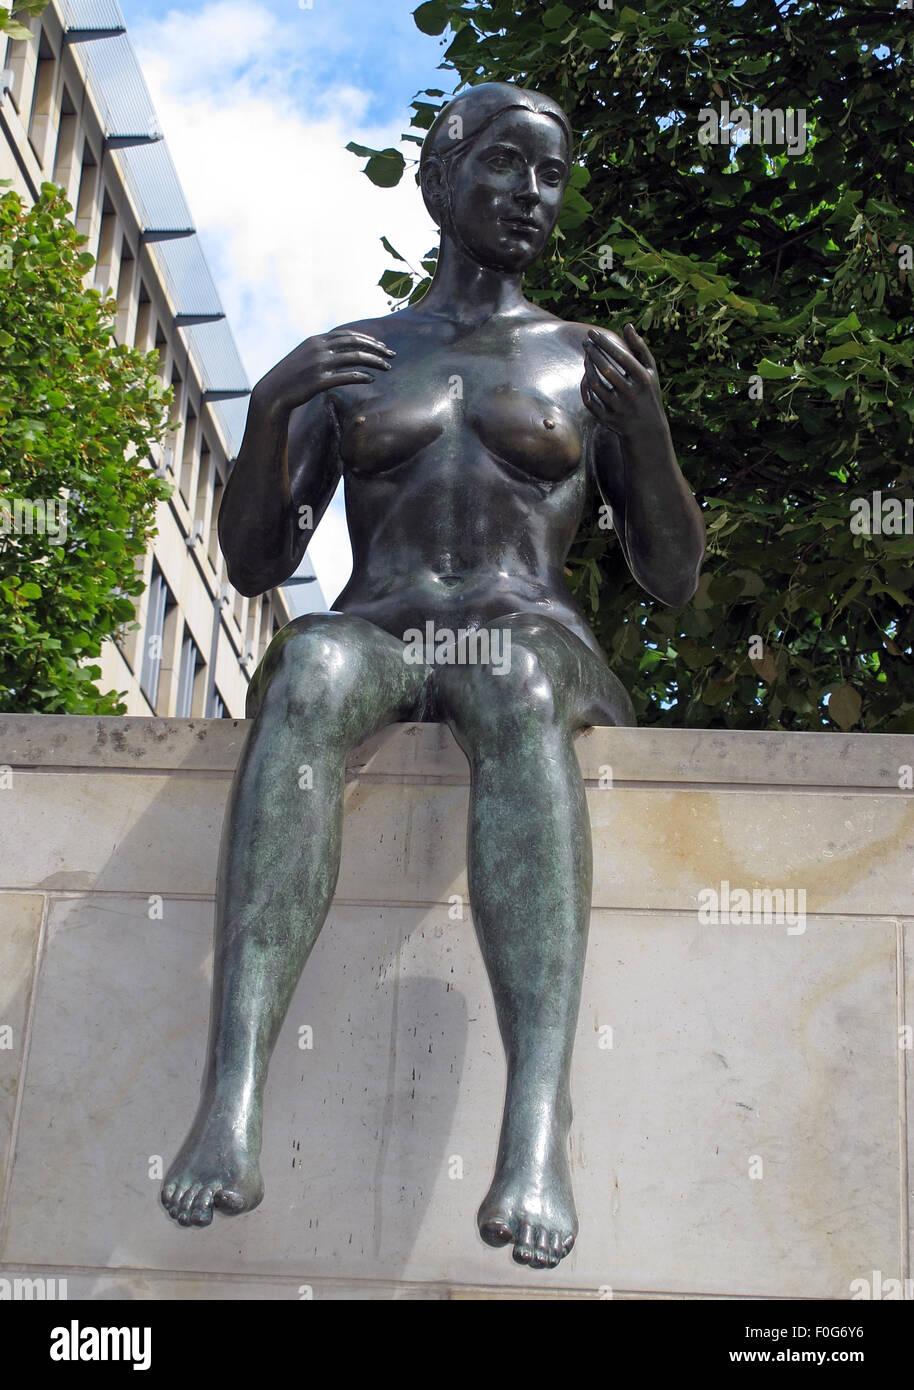 Laden Sie dieses Alamy Stockfoto Drei Mädchen und ein Junge von Wilfried Fitzenreiter - Statue durch die Spree entlang, Moabit, Berlin, Deutschland, Frontansicht - F0G6Y6